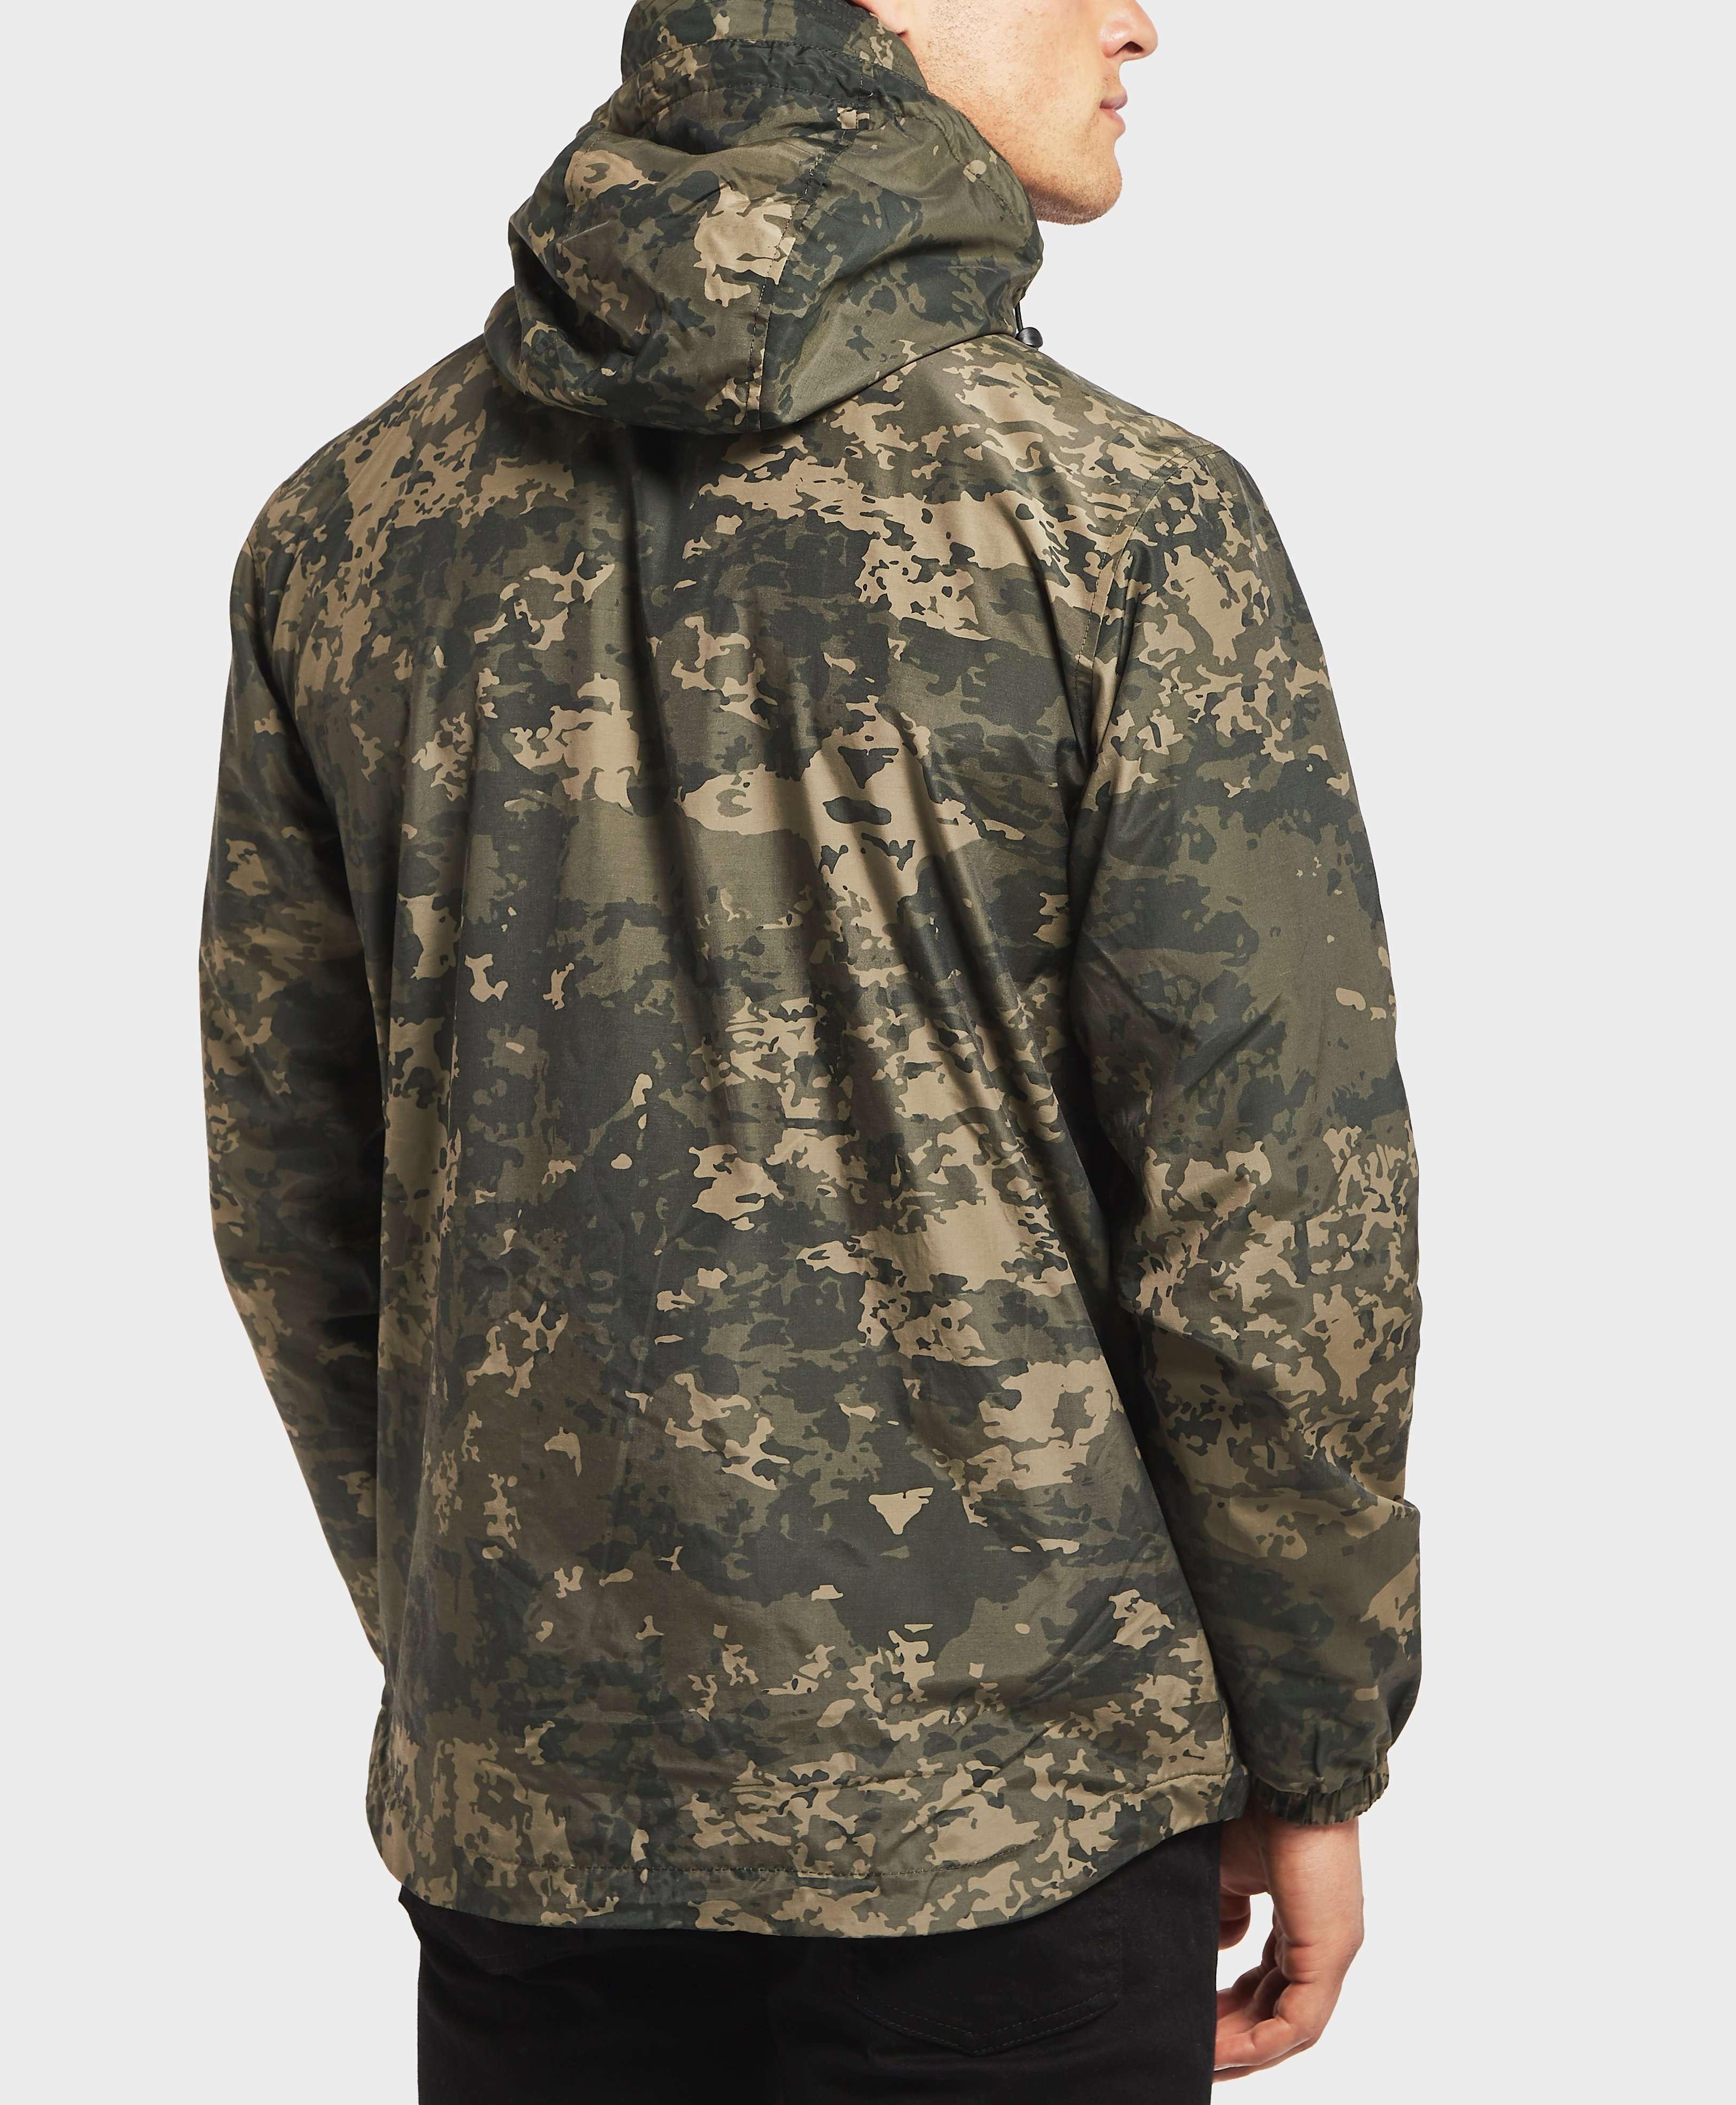 Lyle & Scott Moss Print Lightweight Jacket